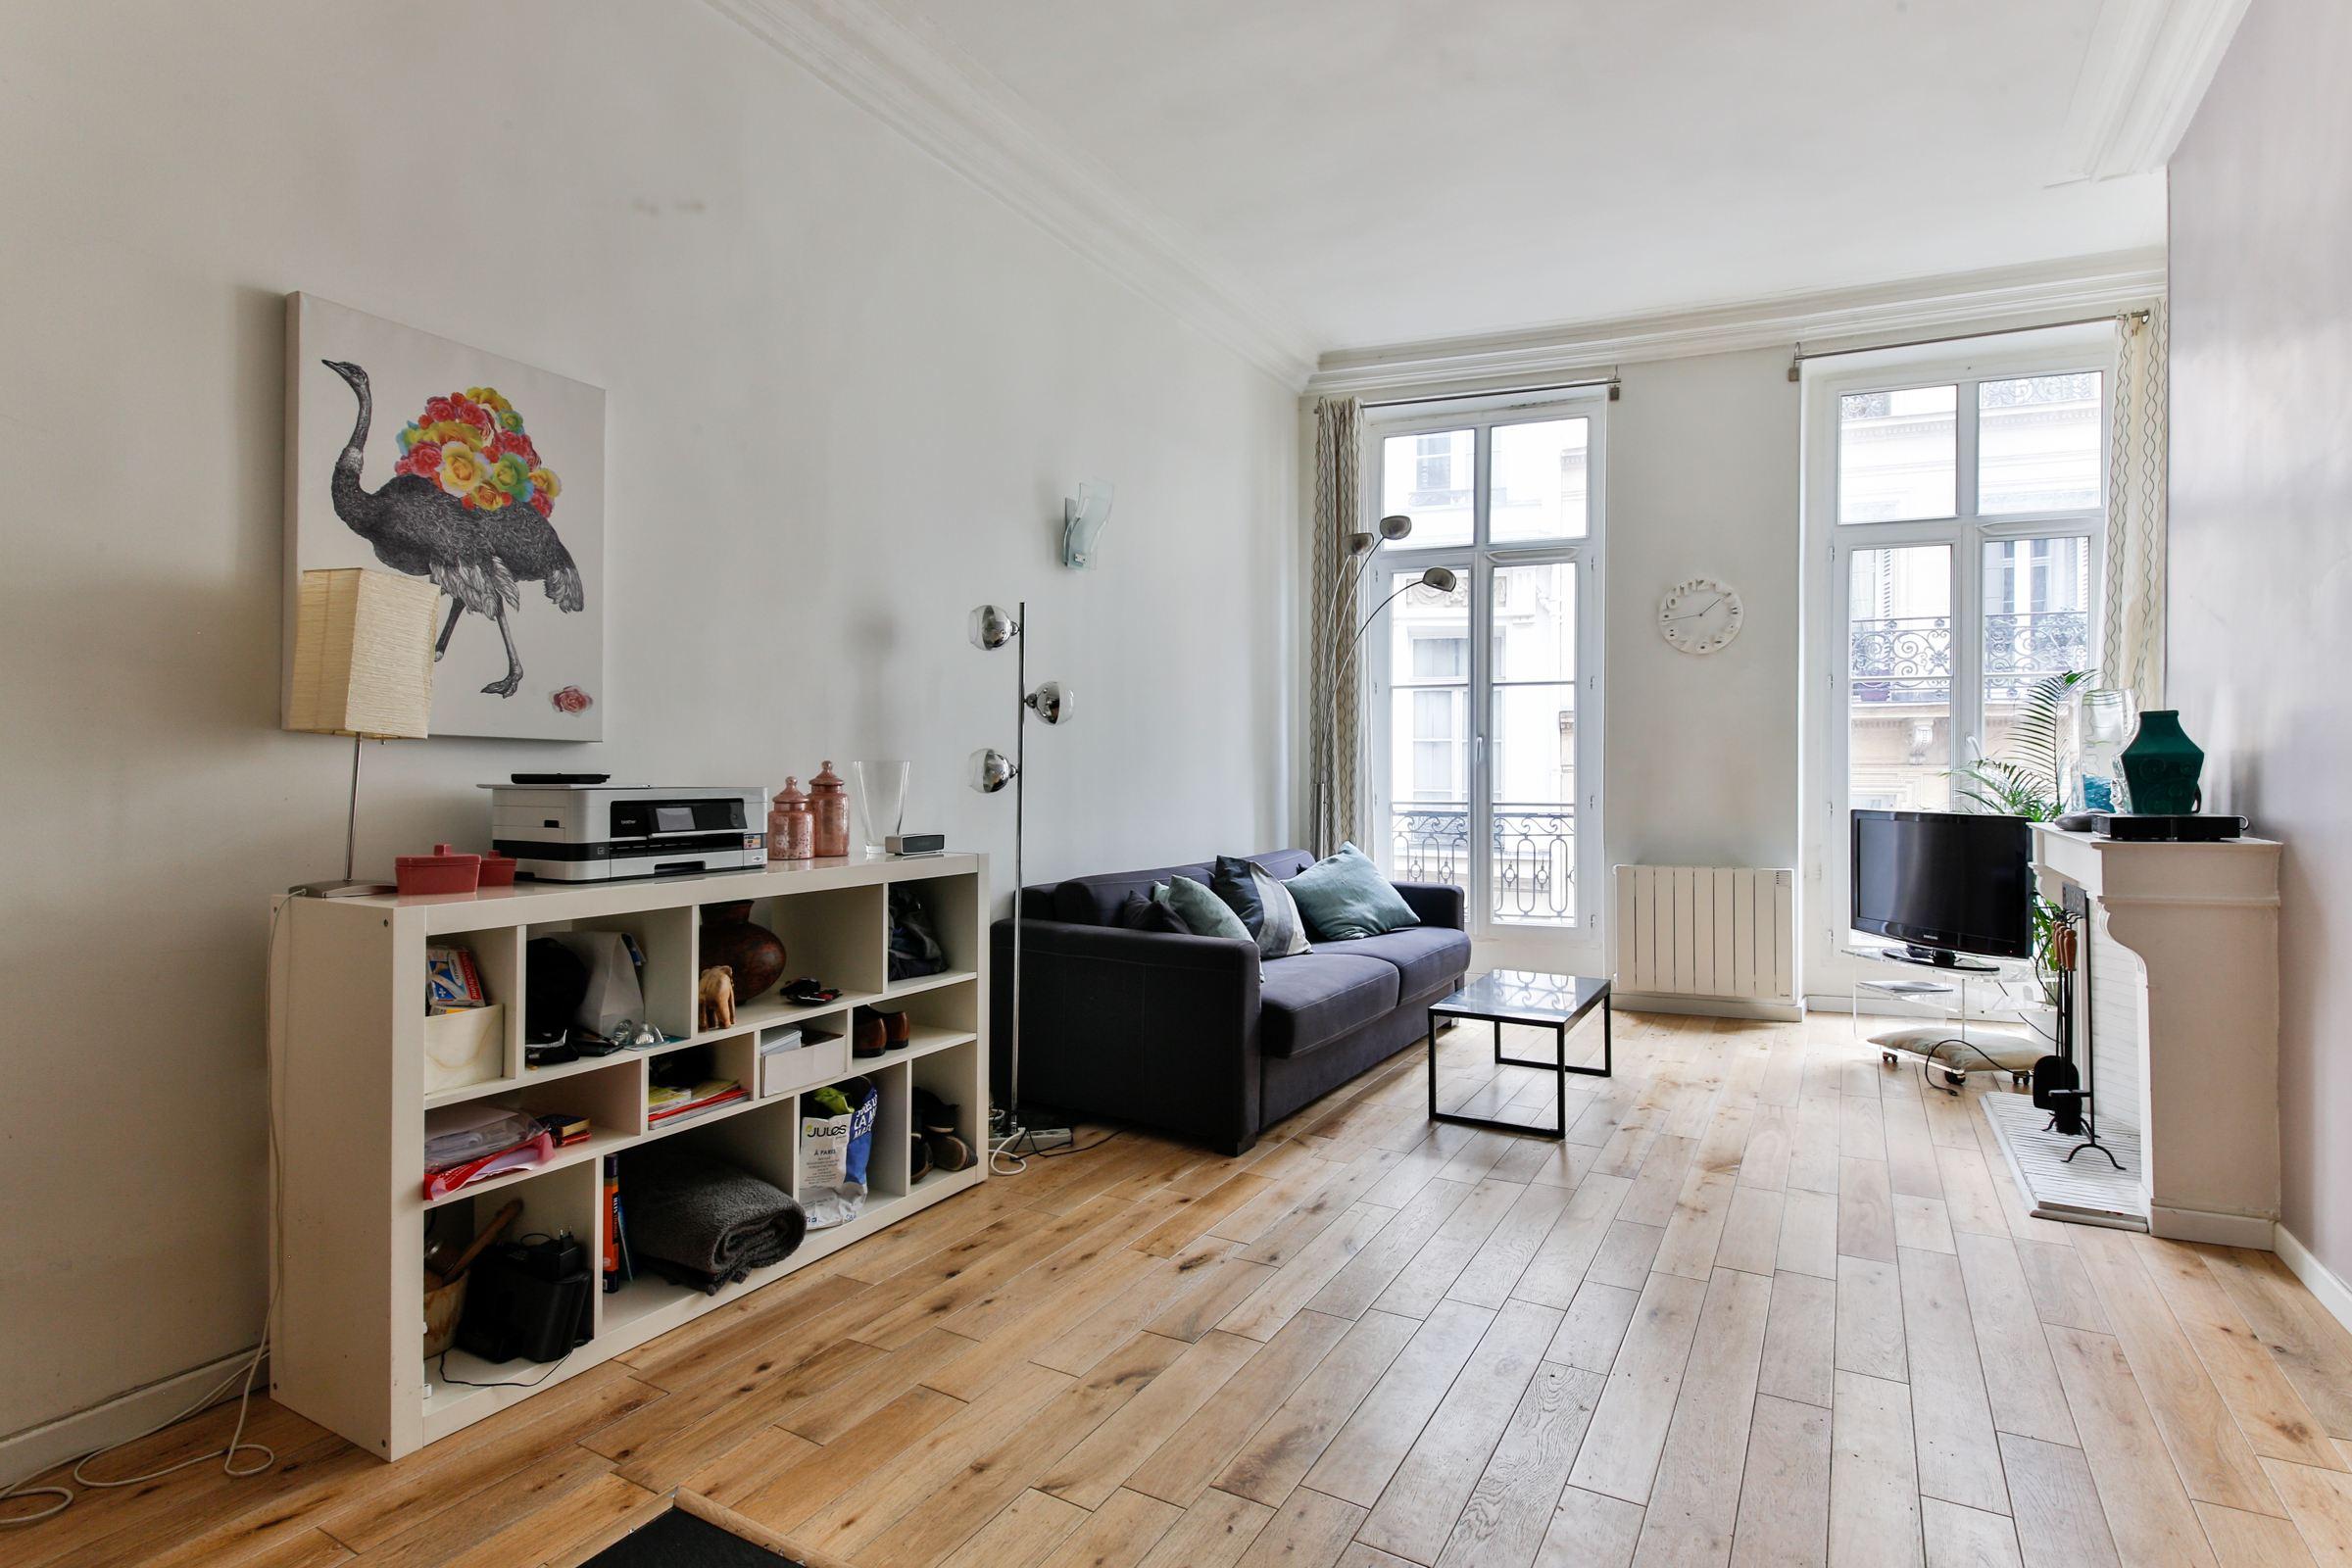 Квартира для того Продажа на Apartment - Place Beauveau Paris, Париж 75008 Франция